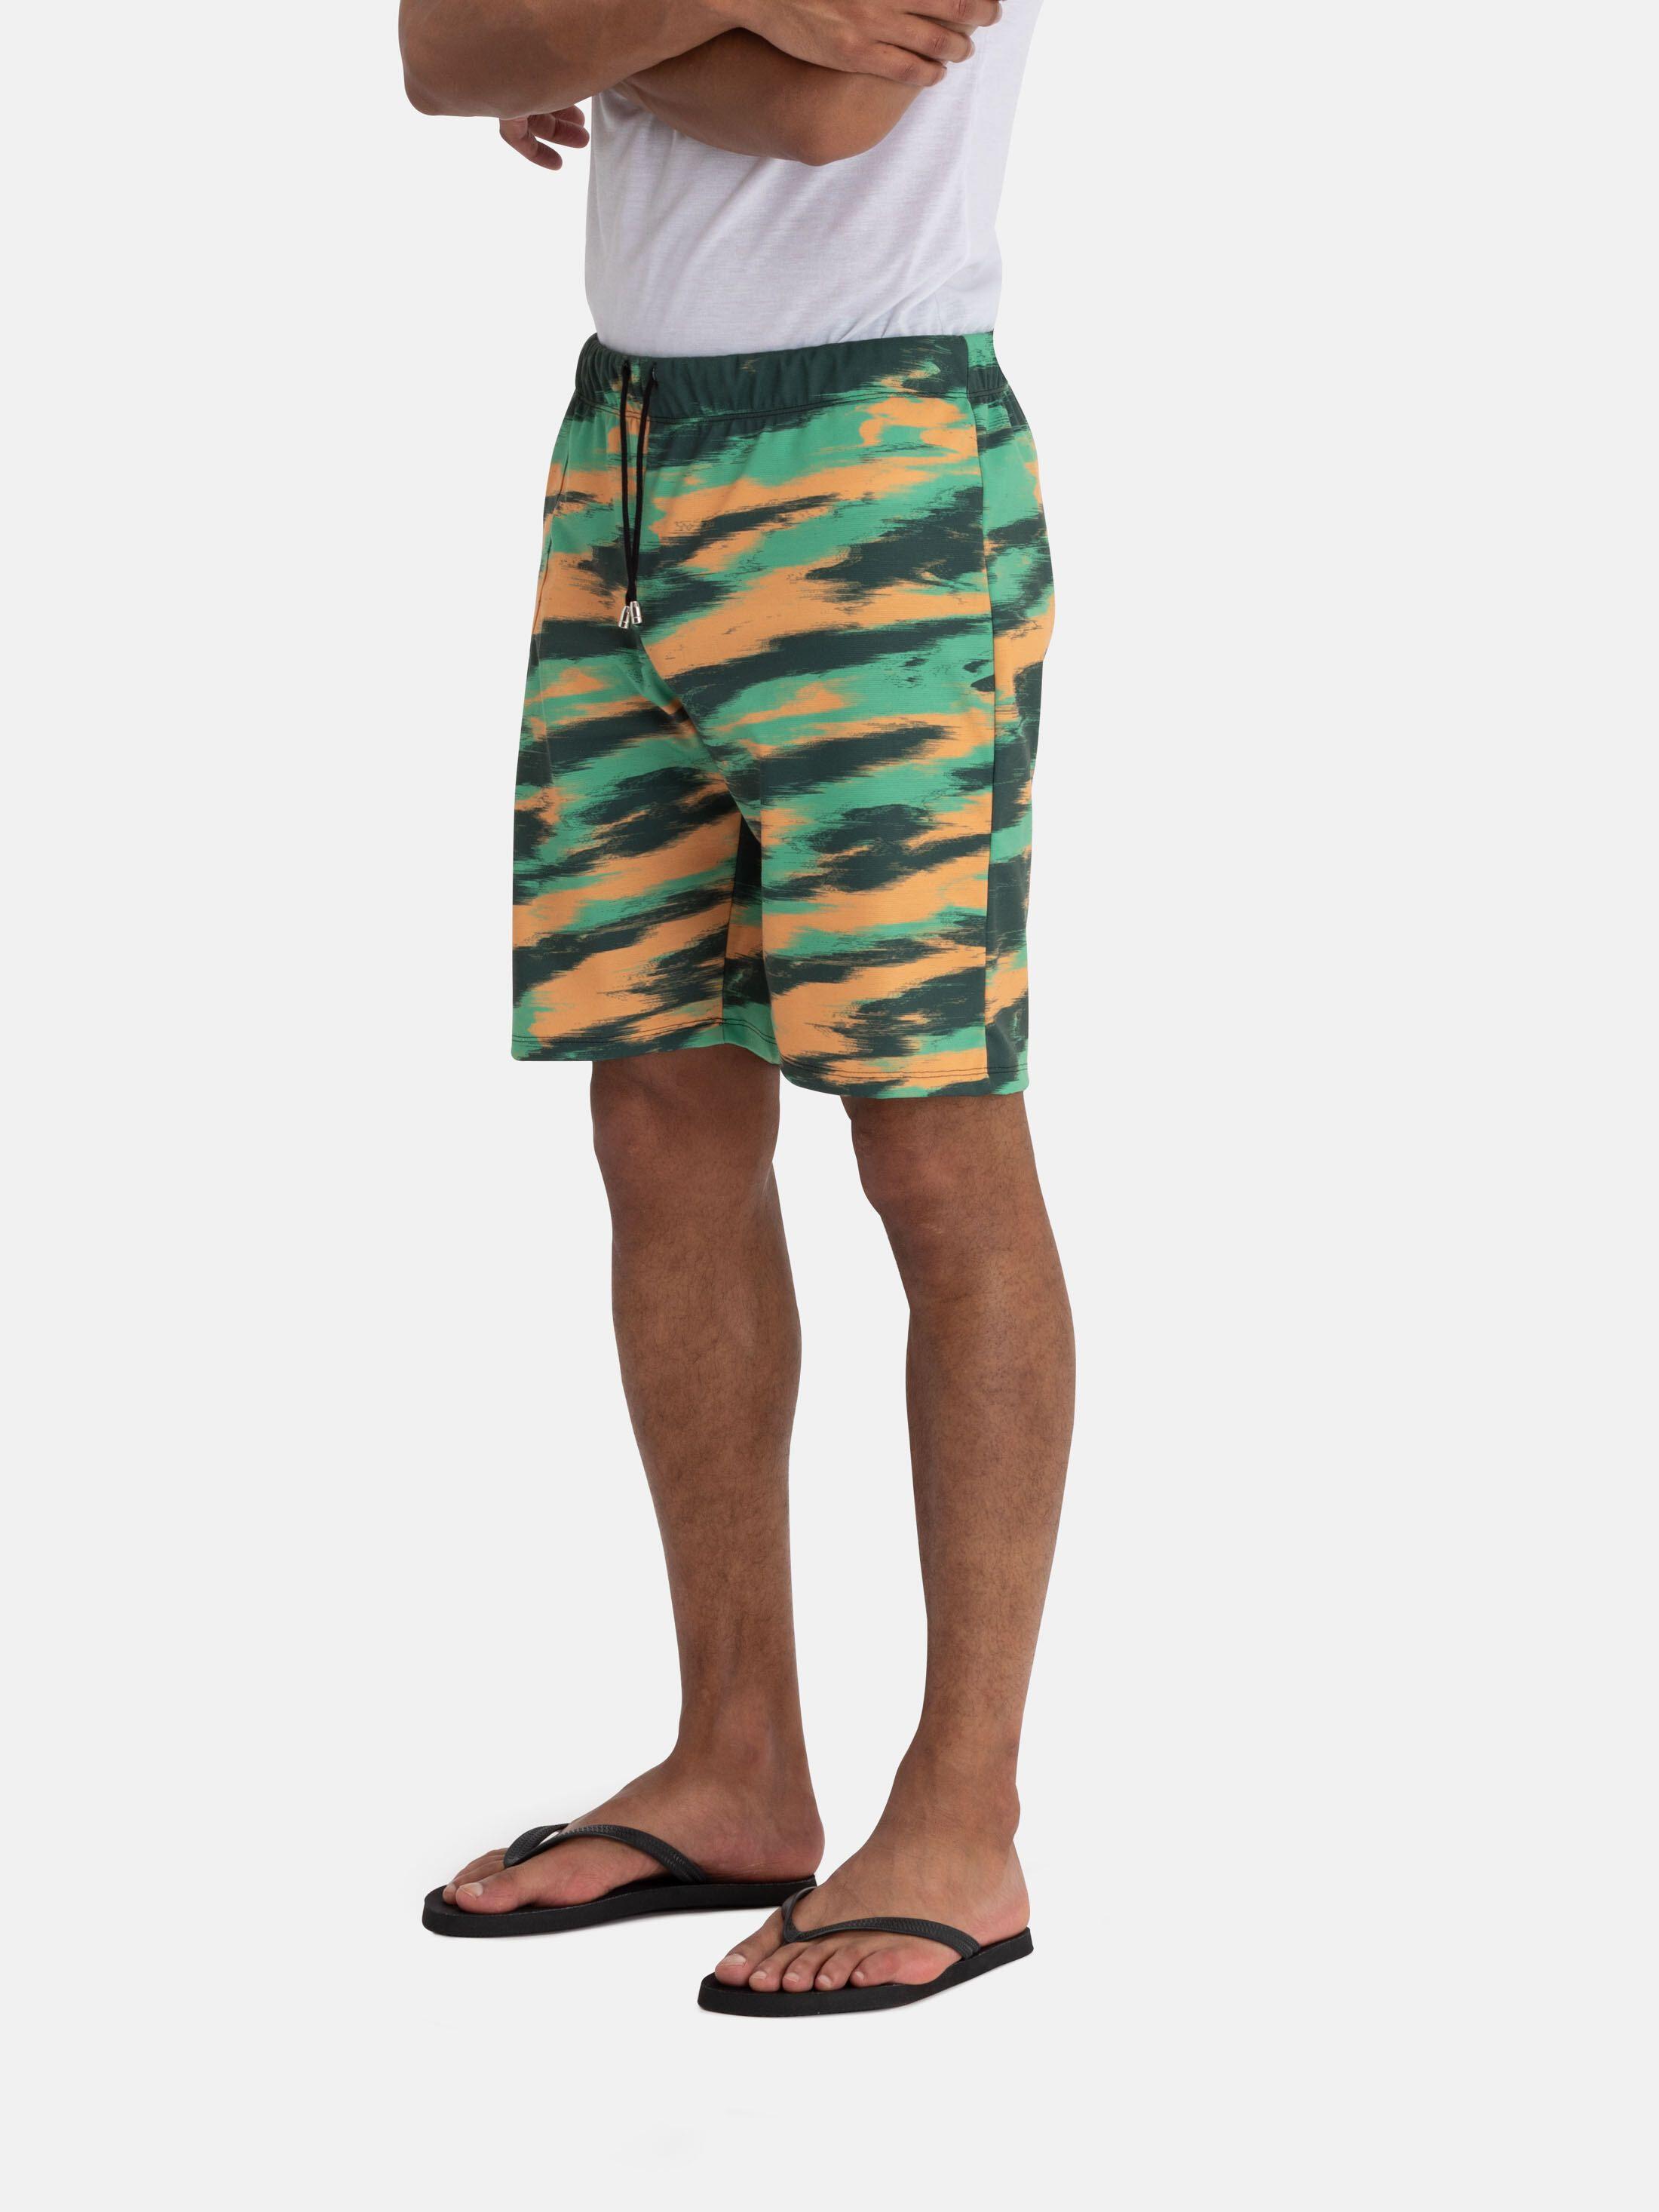 custom mens gym training shorts